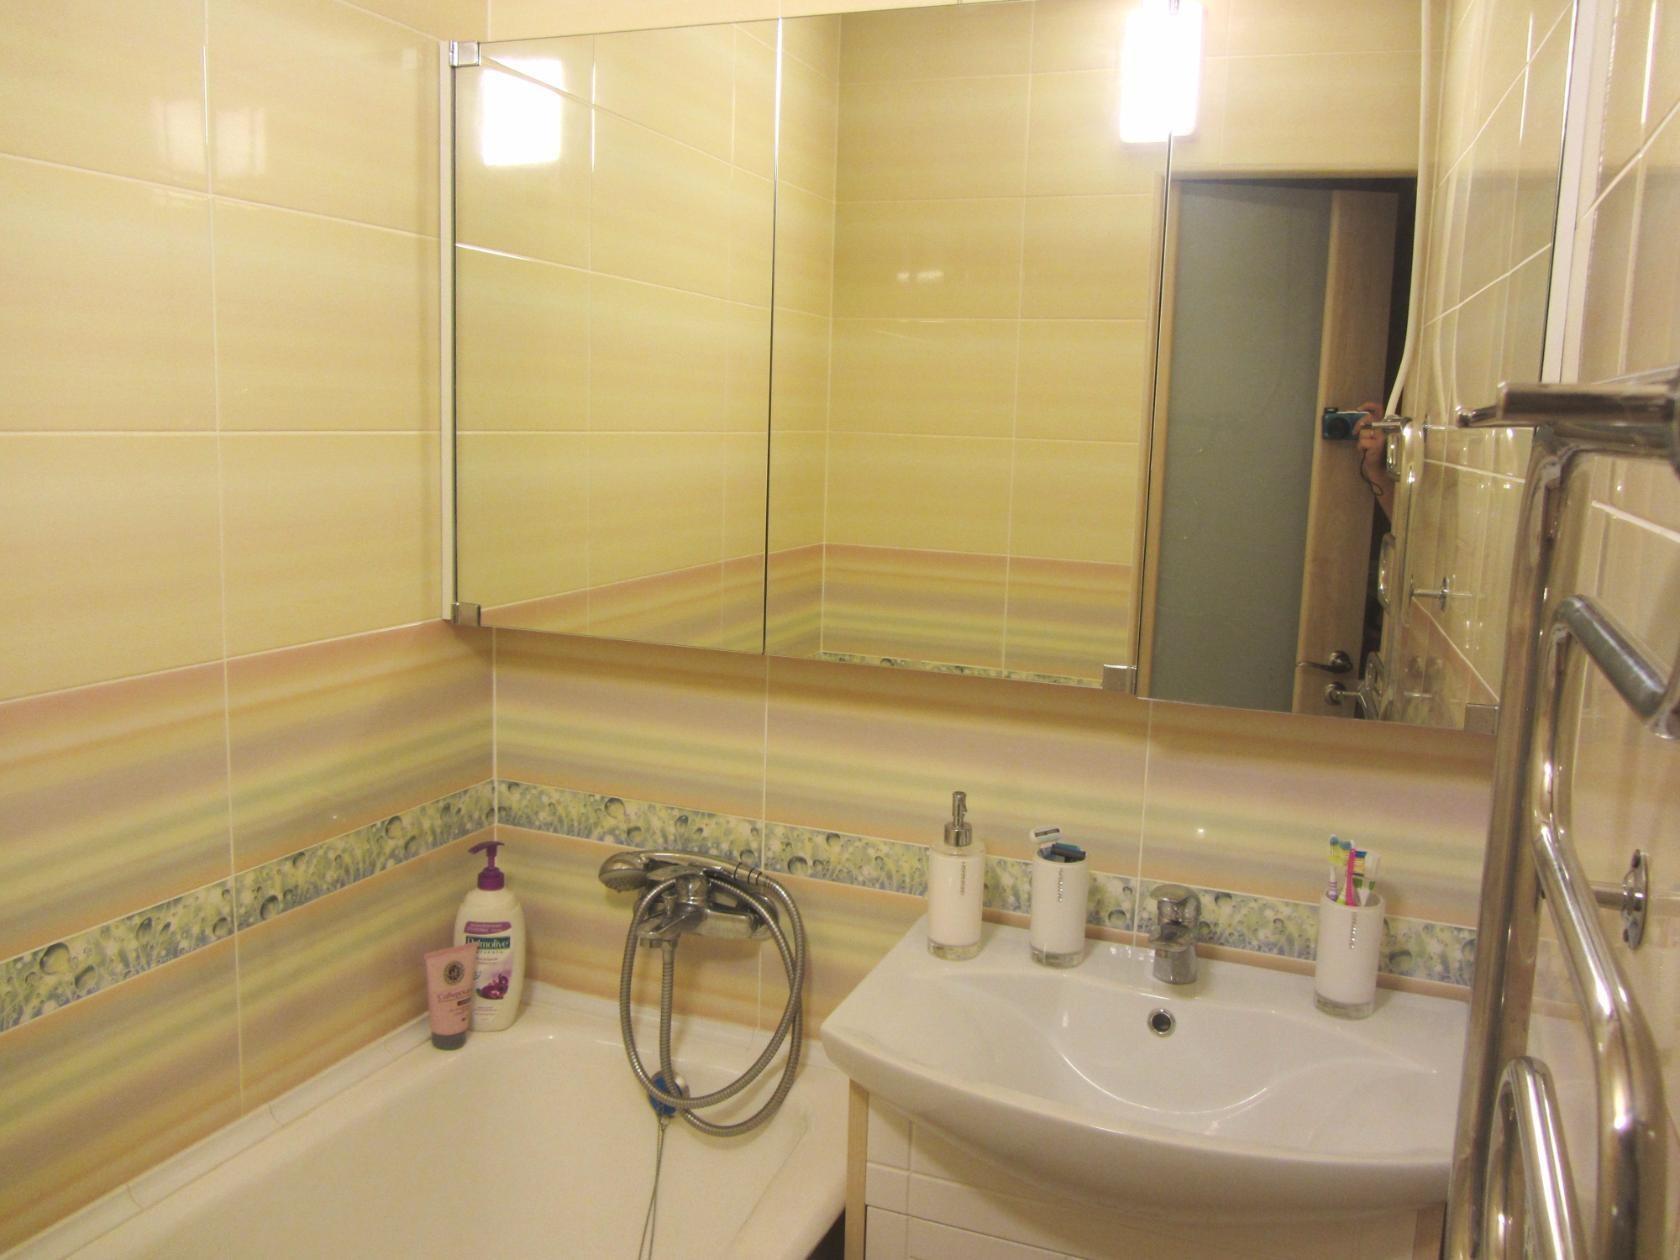 Дизайн при укладки плитки ванной комнаты